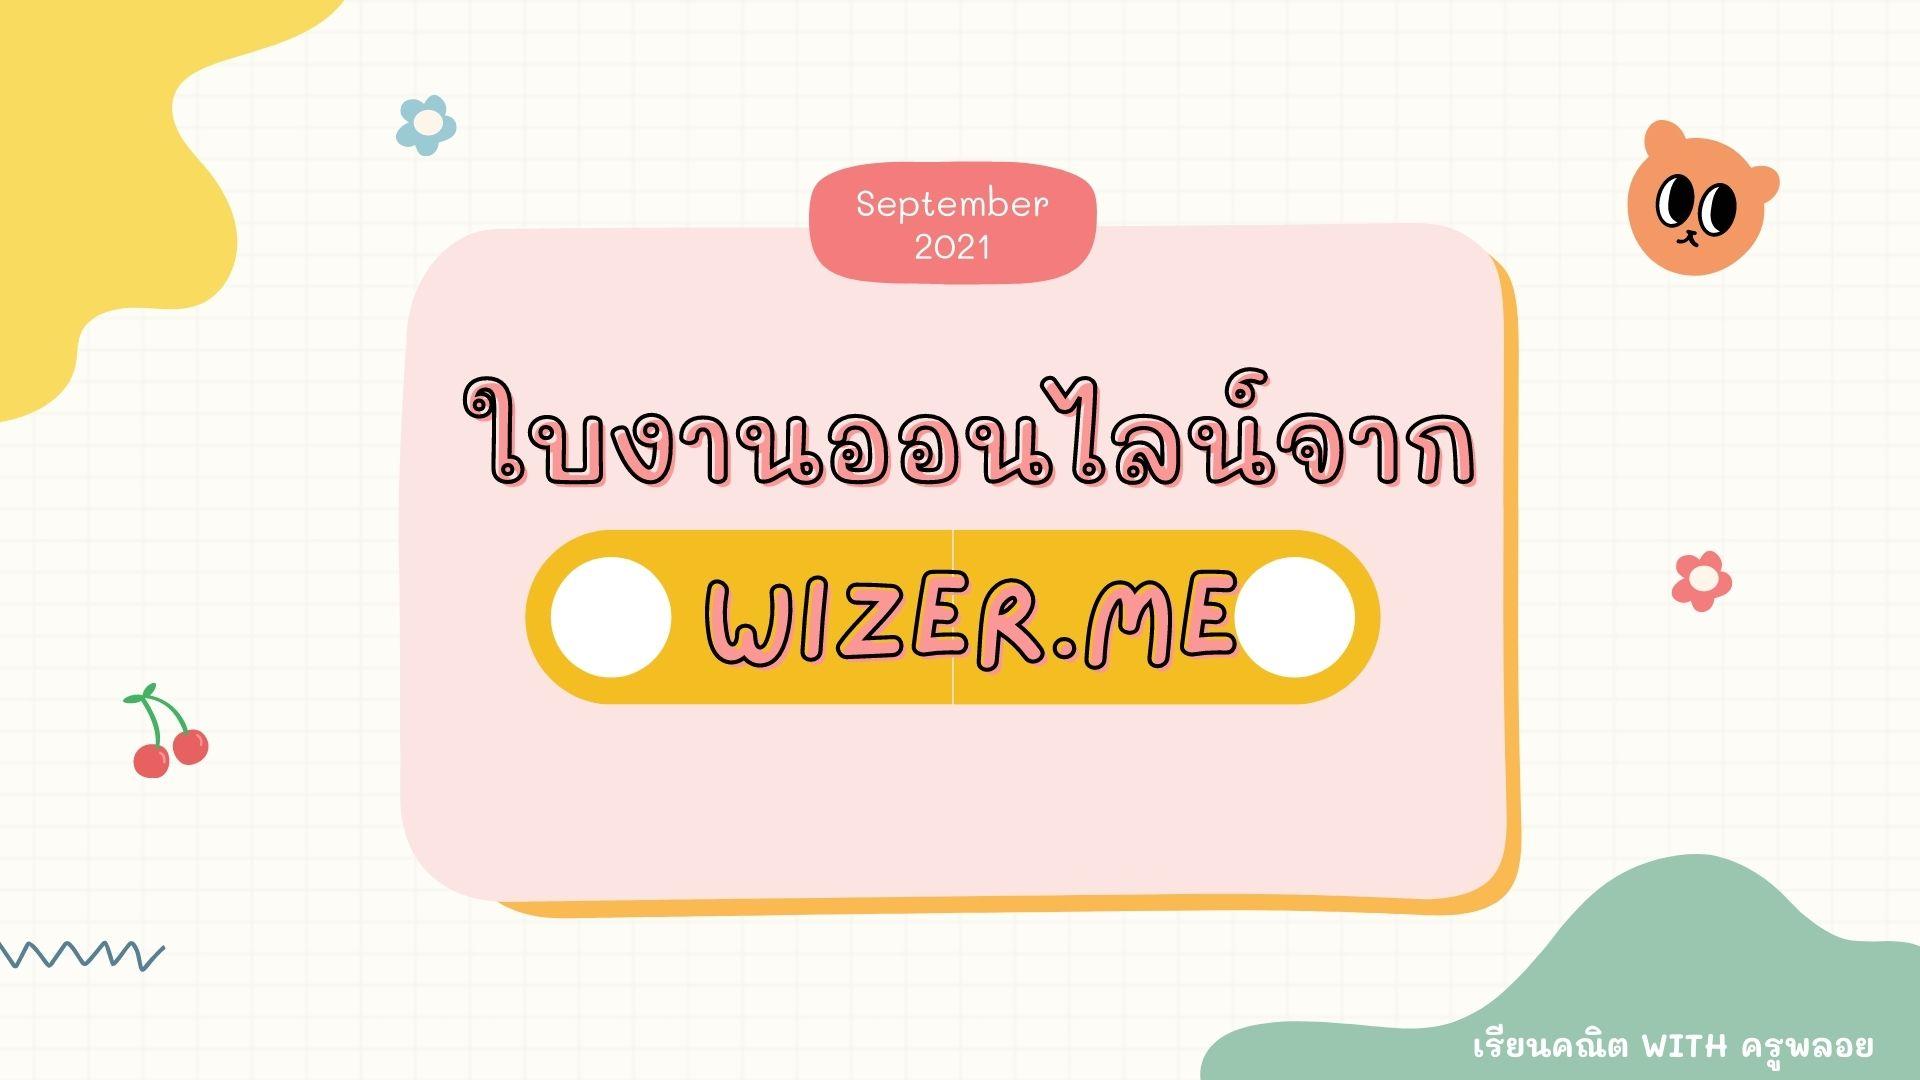 ภาพประกอบไอเดีย ใบงานออนไลน์แบบใหม่กับ Wizer.me